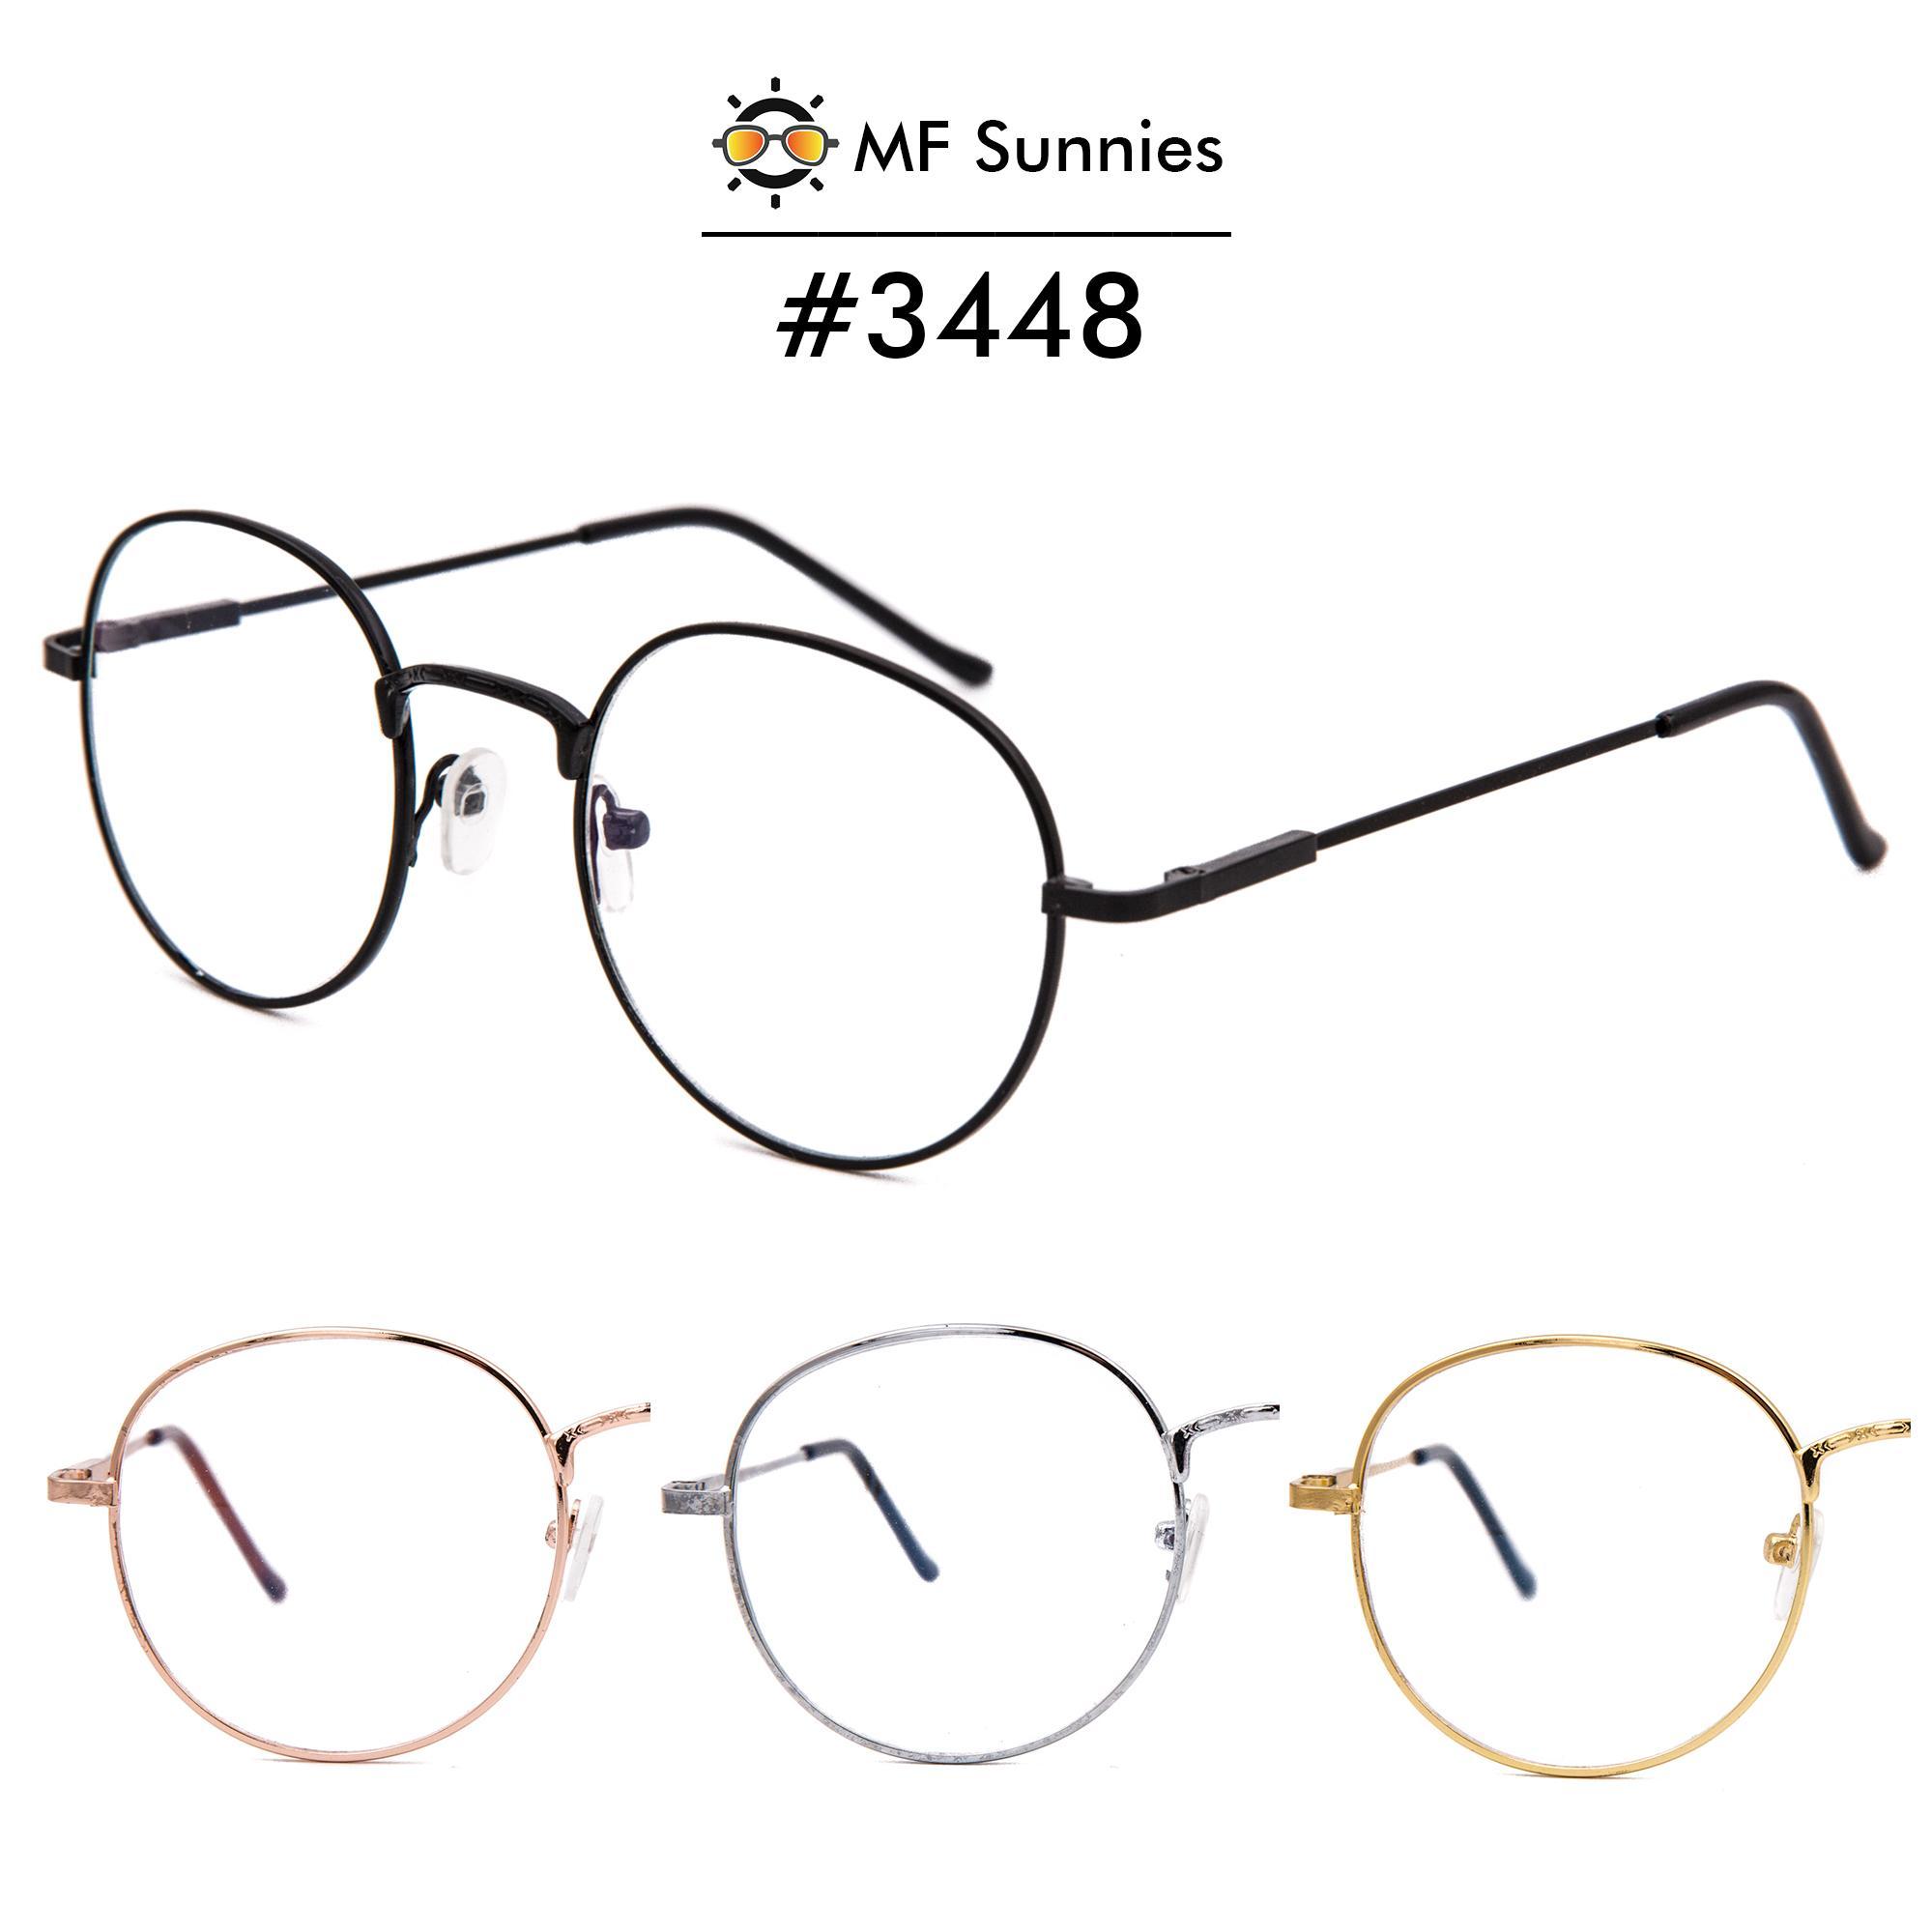 1a3c8d234c7 Eyeglasses for sale - Reading Glasses online brands